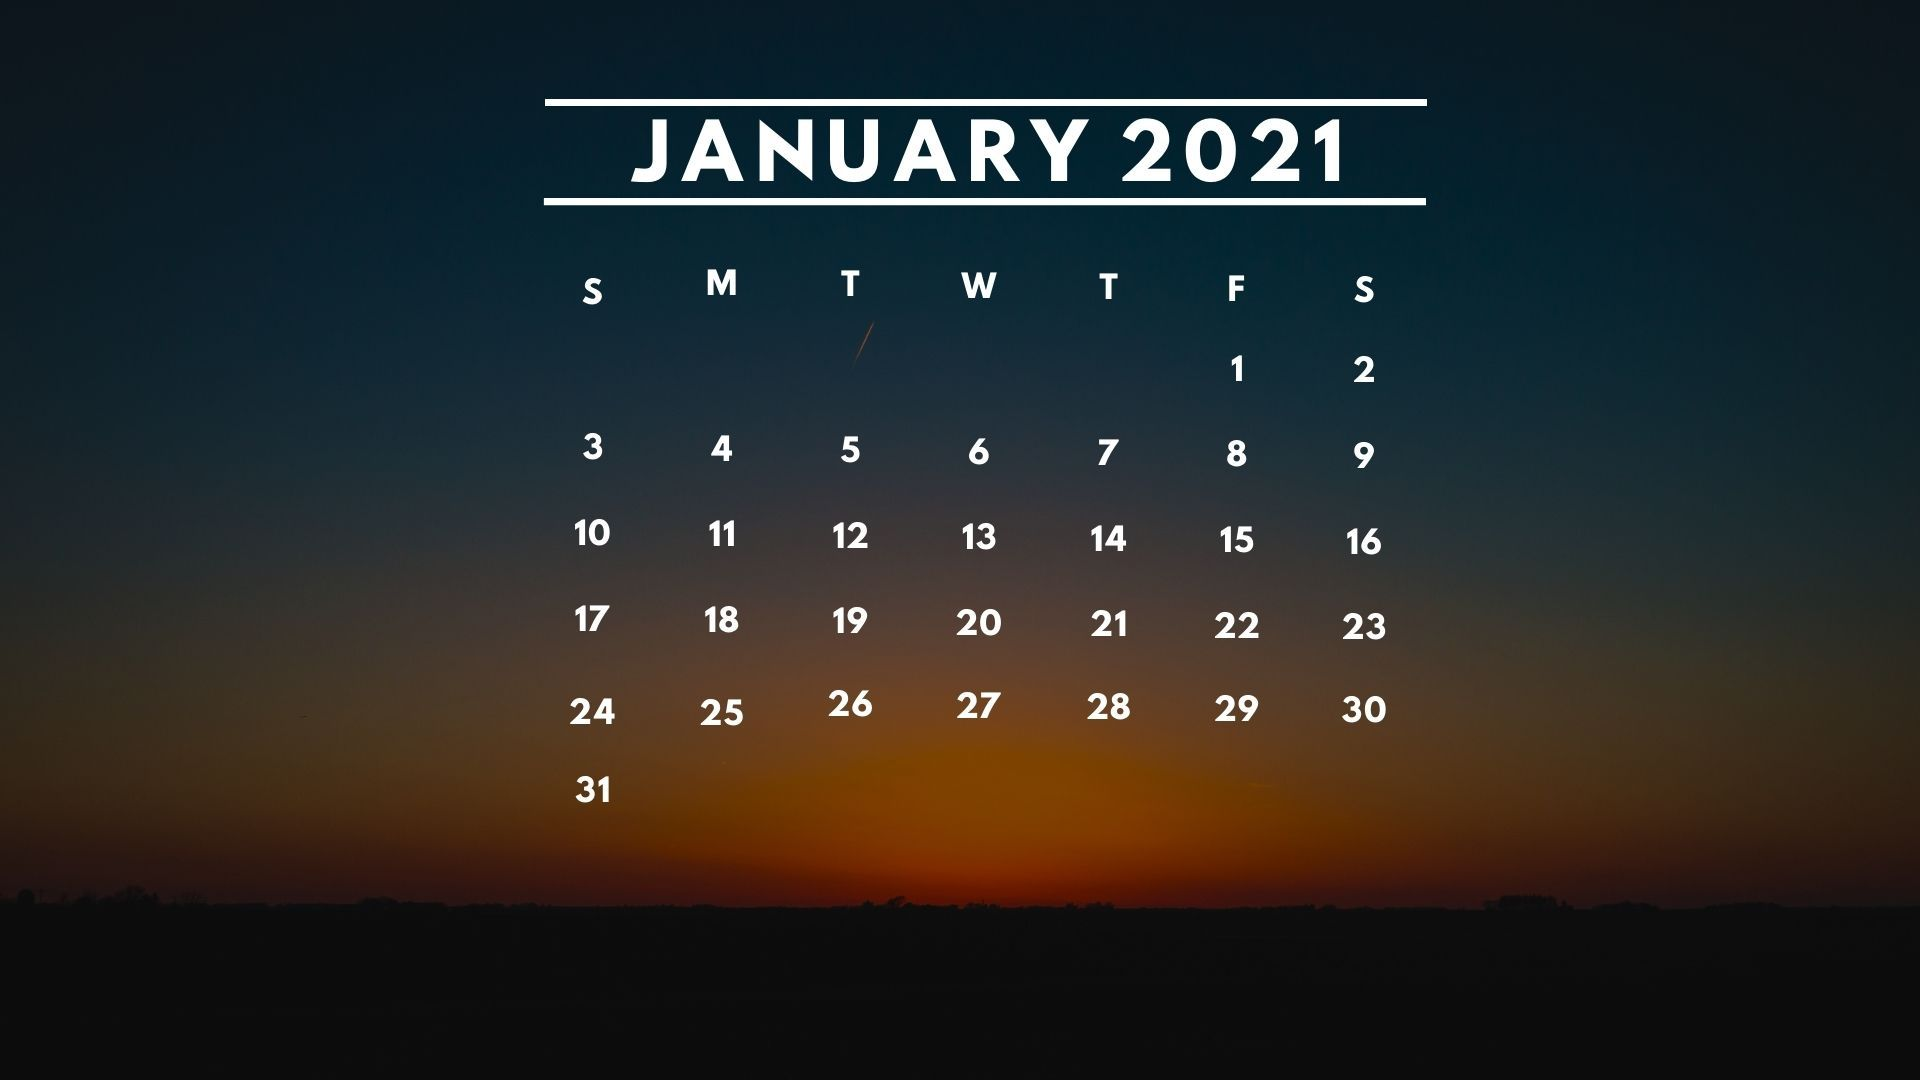 January 2022 Wallpaper Calendar.January 2021 Calendar Wallpapers Top Free January 2021 Calendar Backgrounds Wallpaperaccess